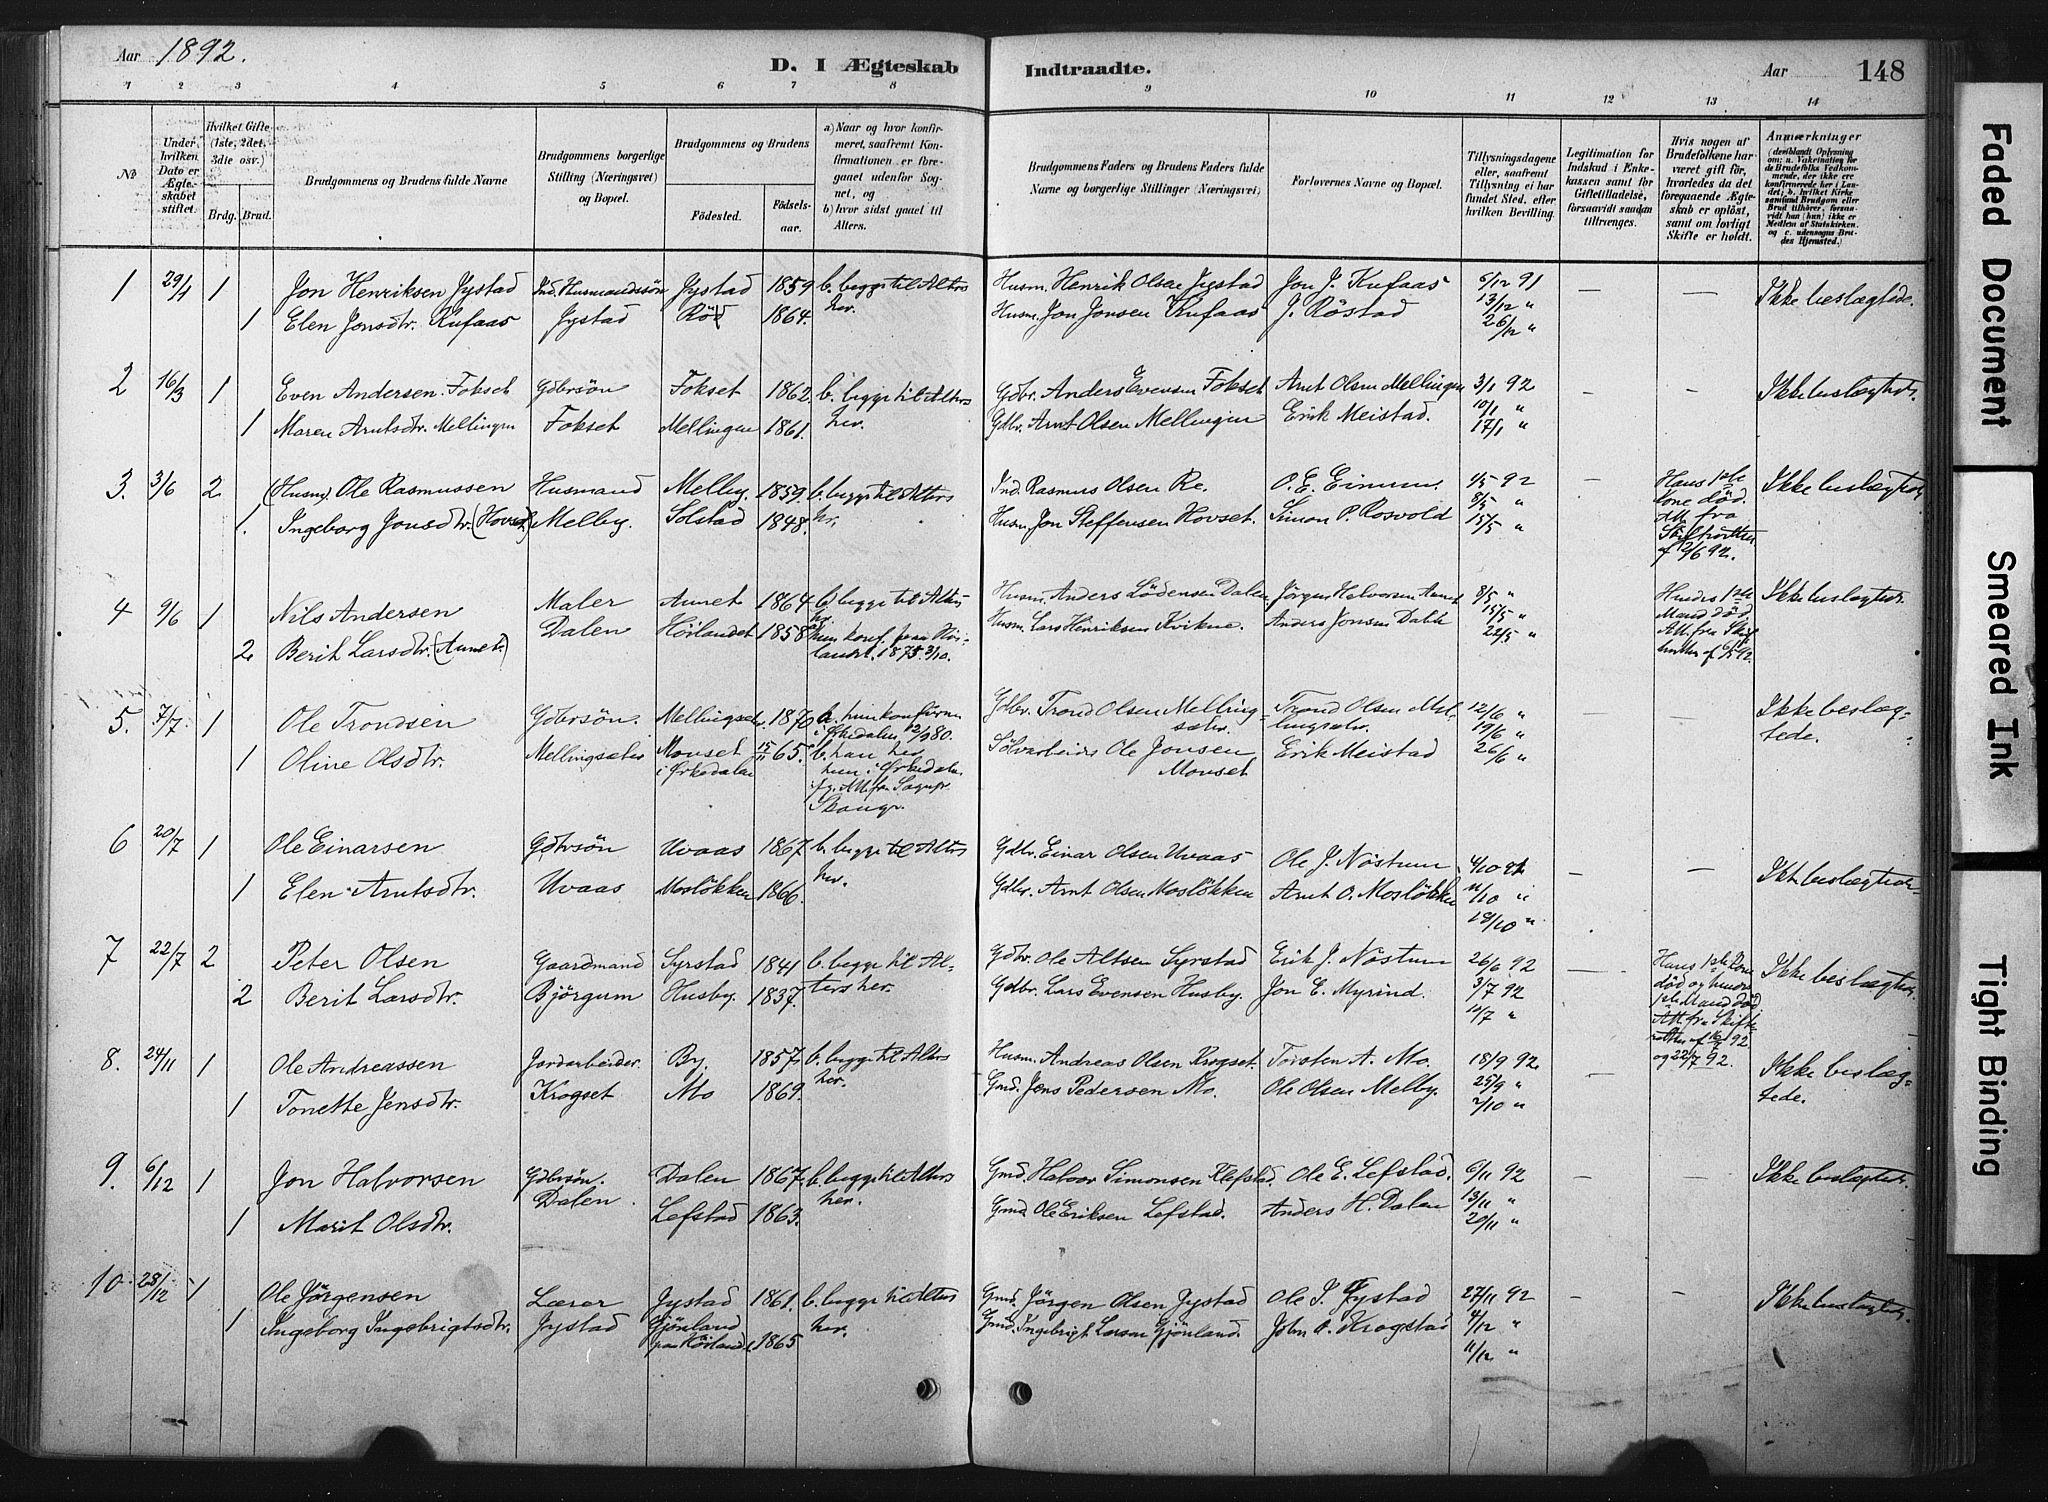 SAT, Ministerialprotokoller, klokkerbøker og fødselsregistre - Sør-Trøndelag, 667/L0795: Ministerialbok nr. 667A03, 1879-1907, s. 148